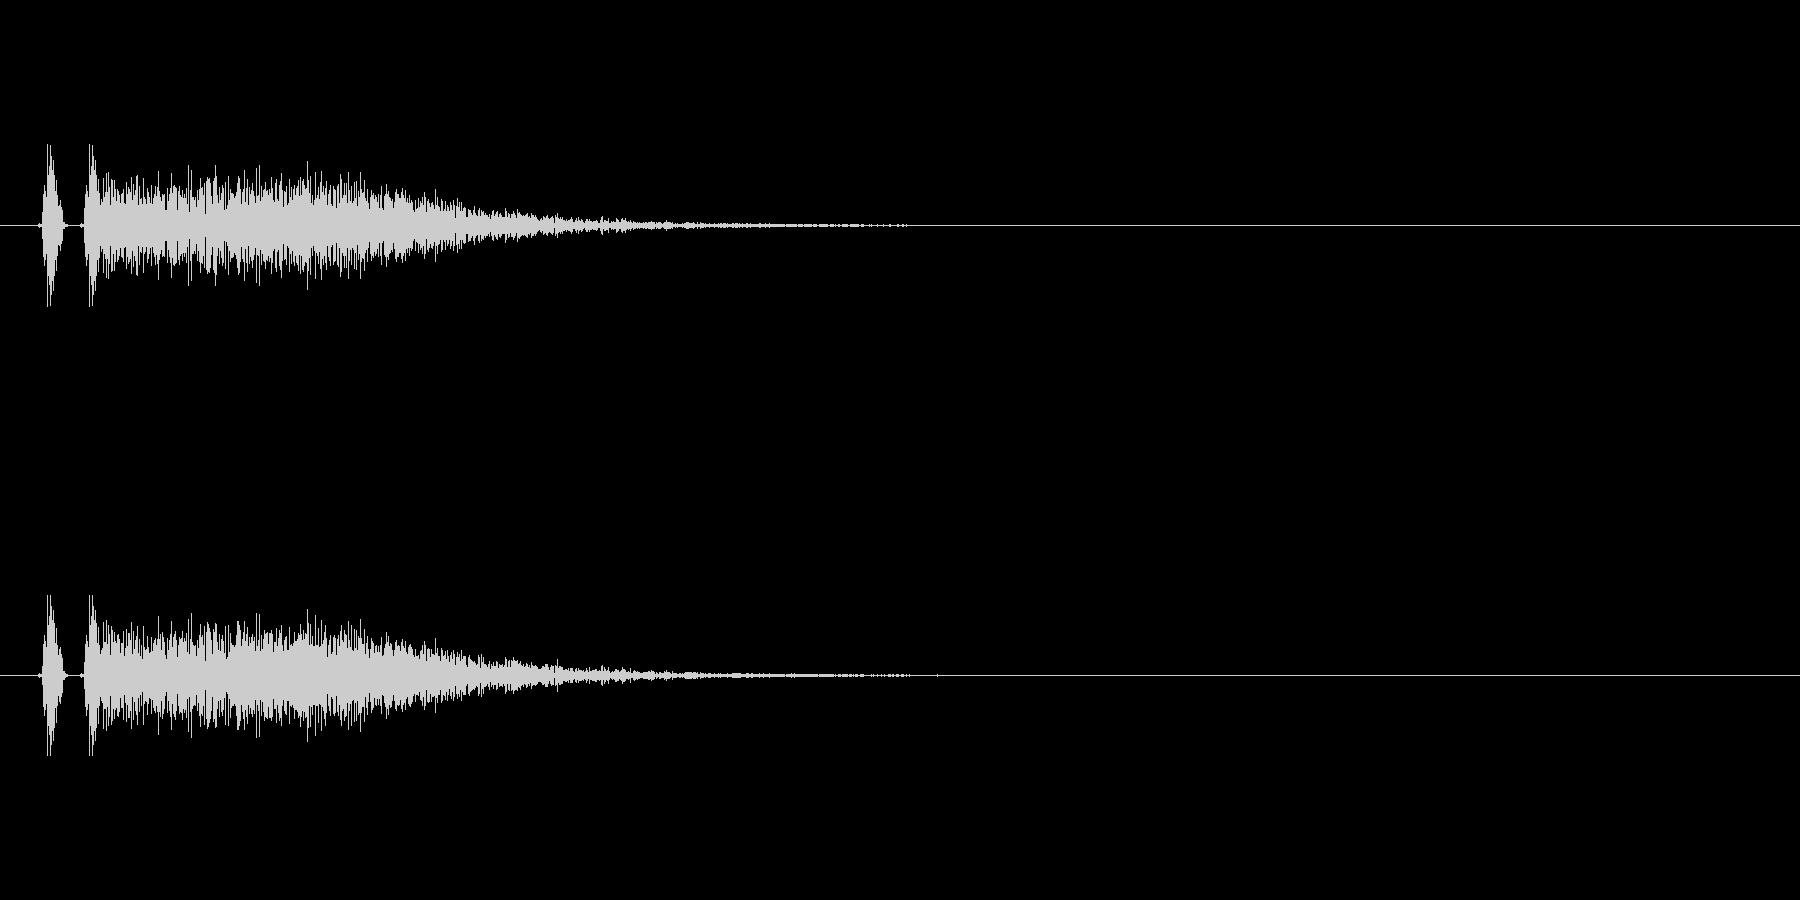 ハンドガン。銃声。の未再生の波形